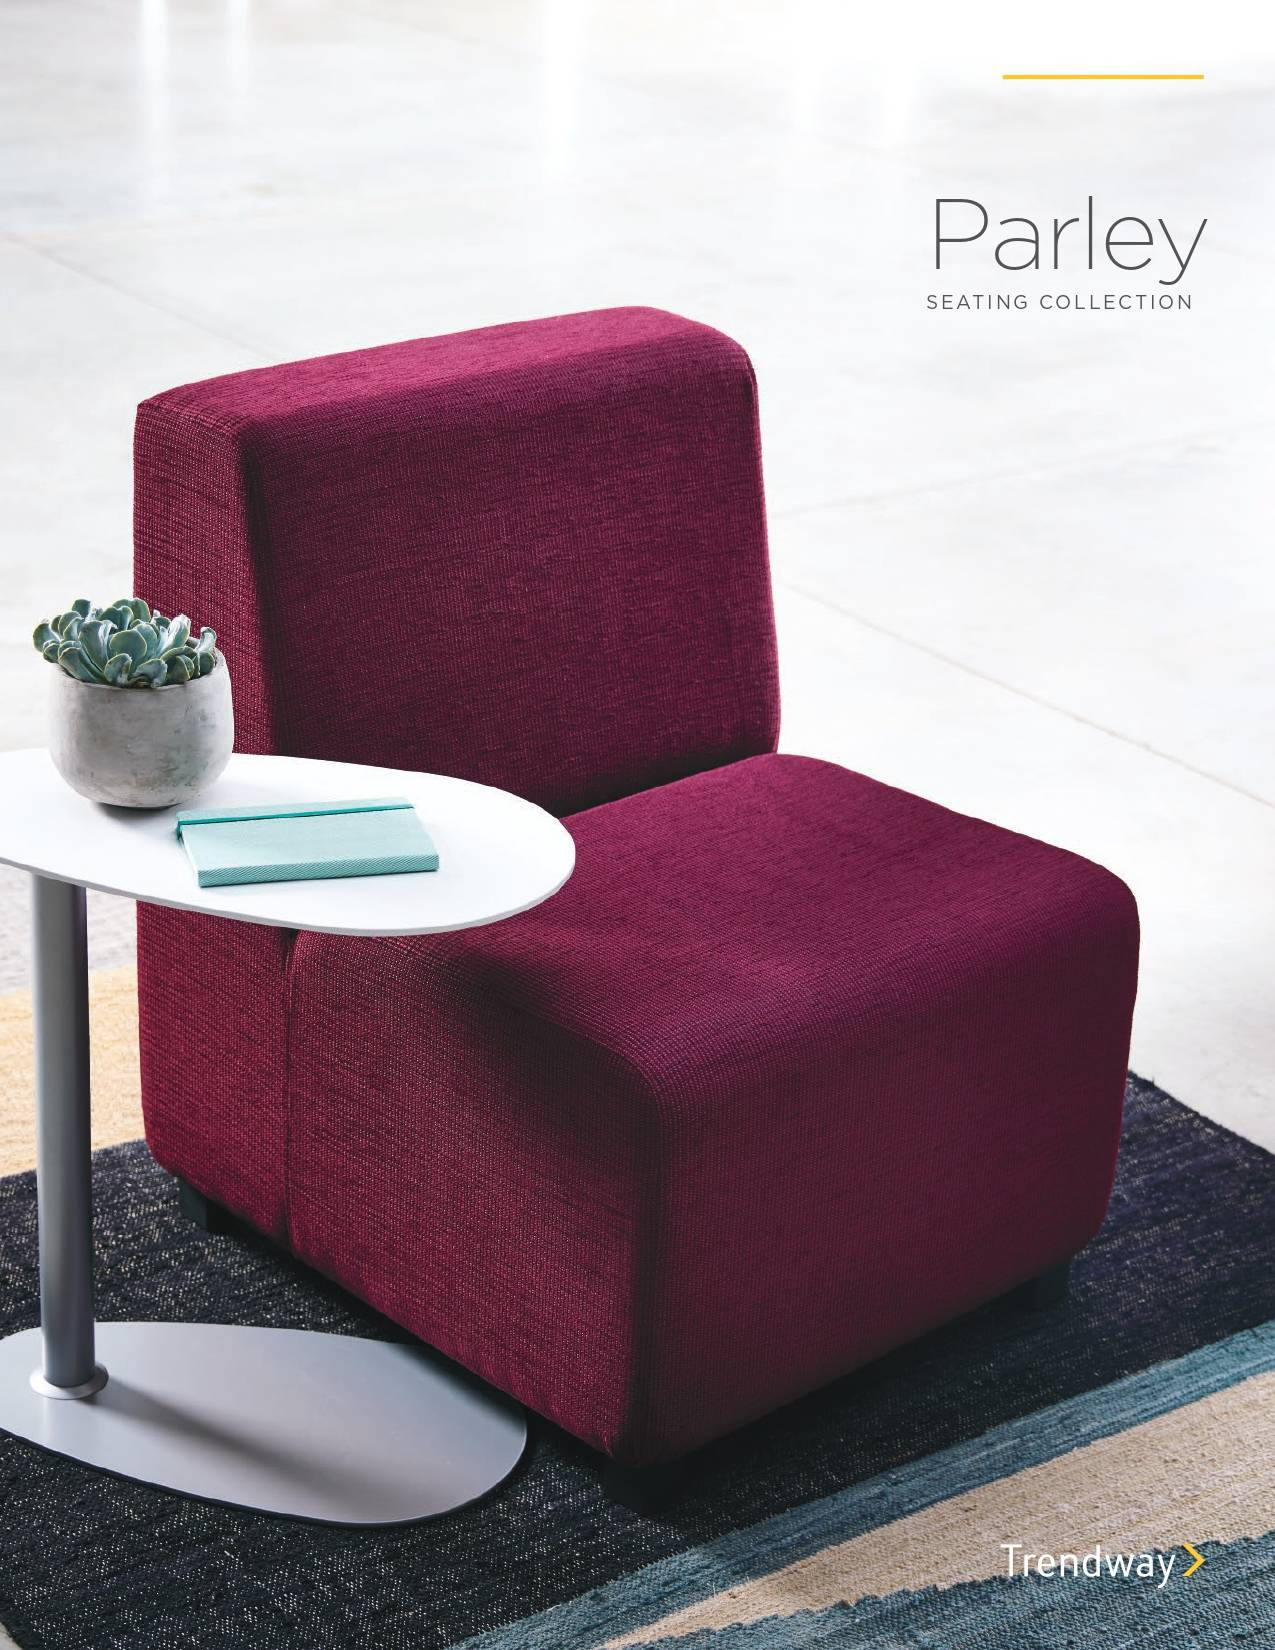 Trendway Furniture Parley Soft Seating Brochure